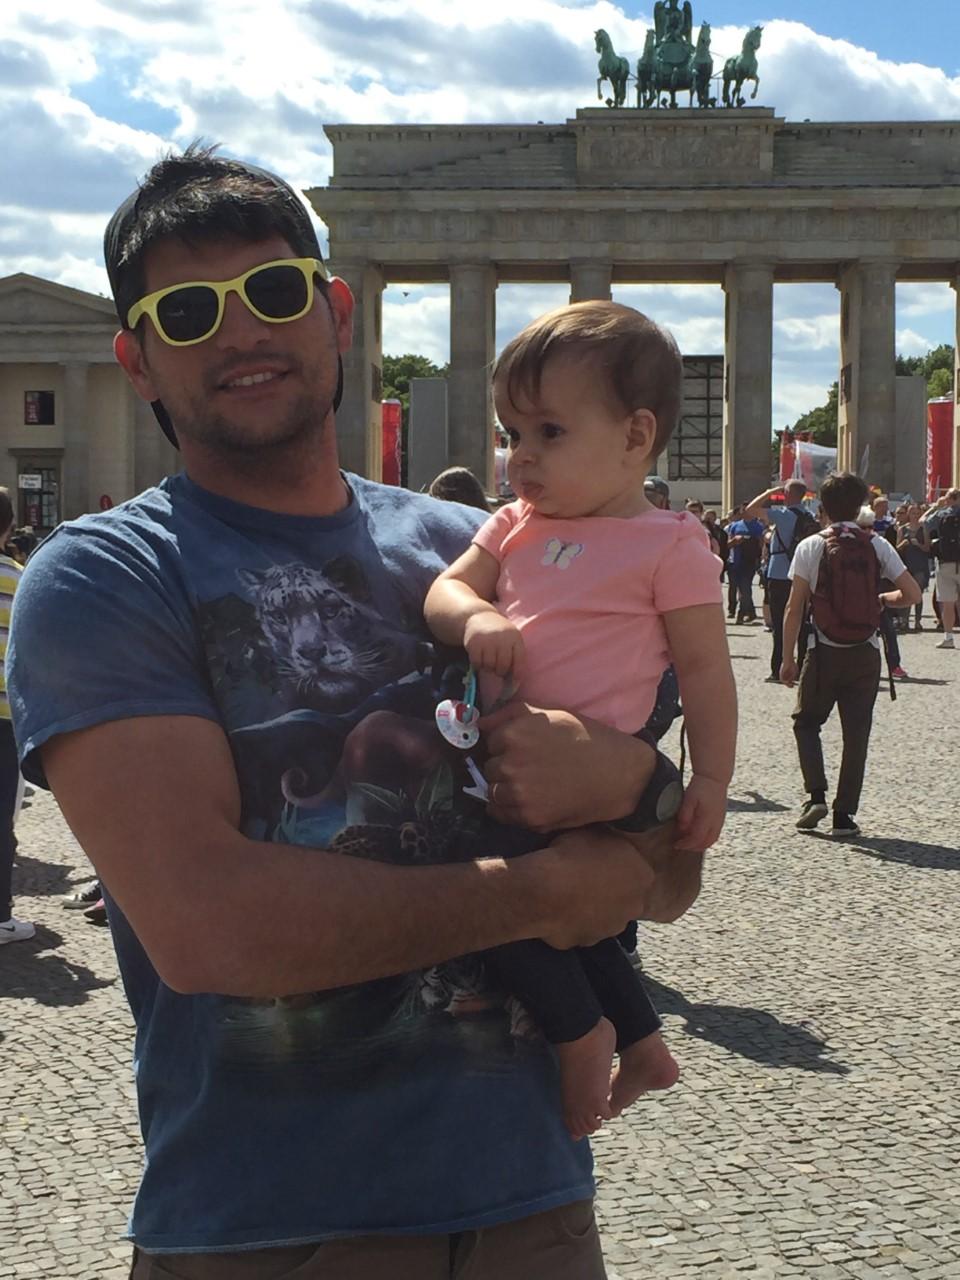 thumbnail_mike-and-annie_brandenburg-gate_berlin_2016.jpg